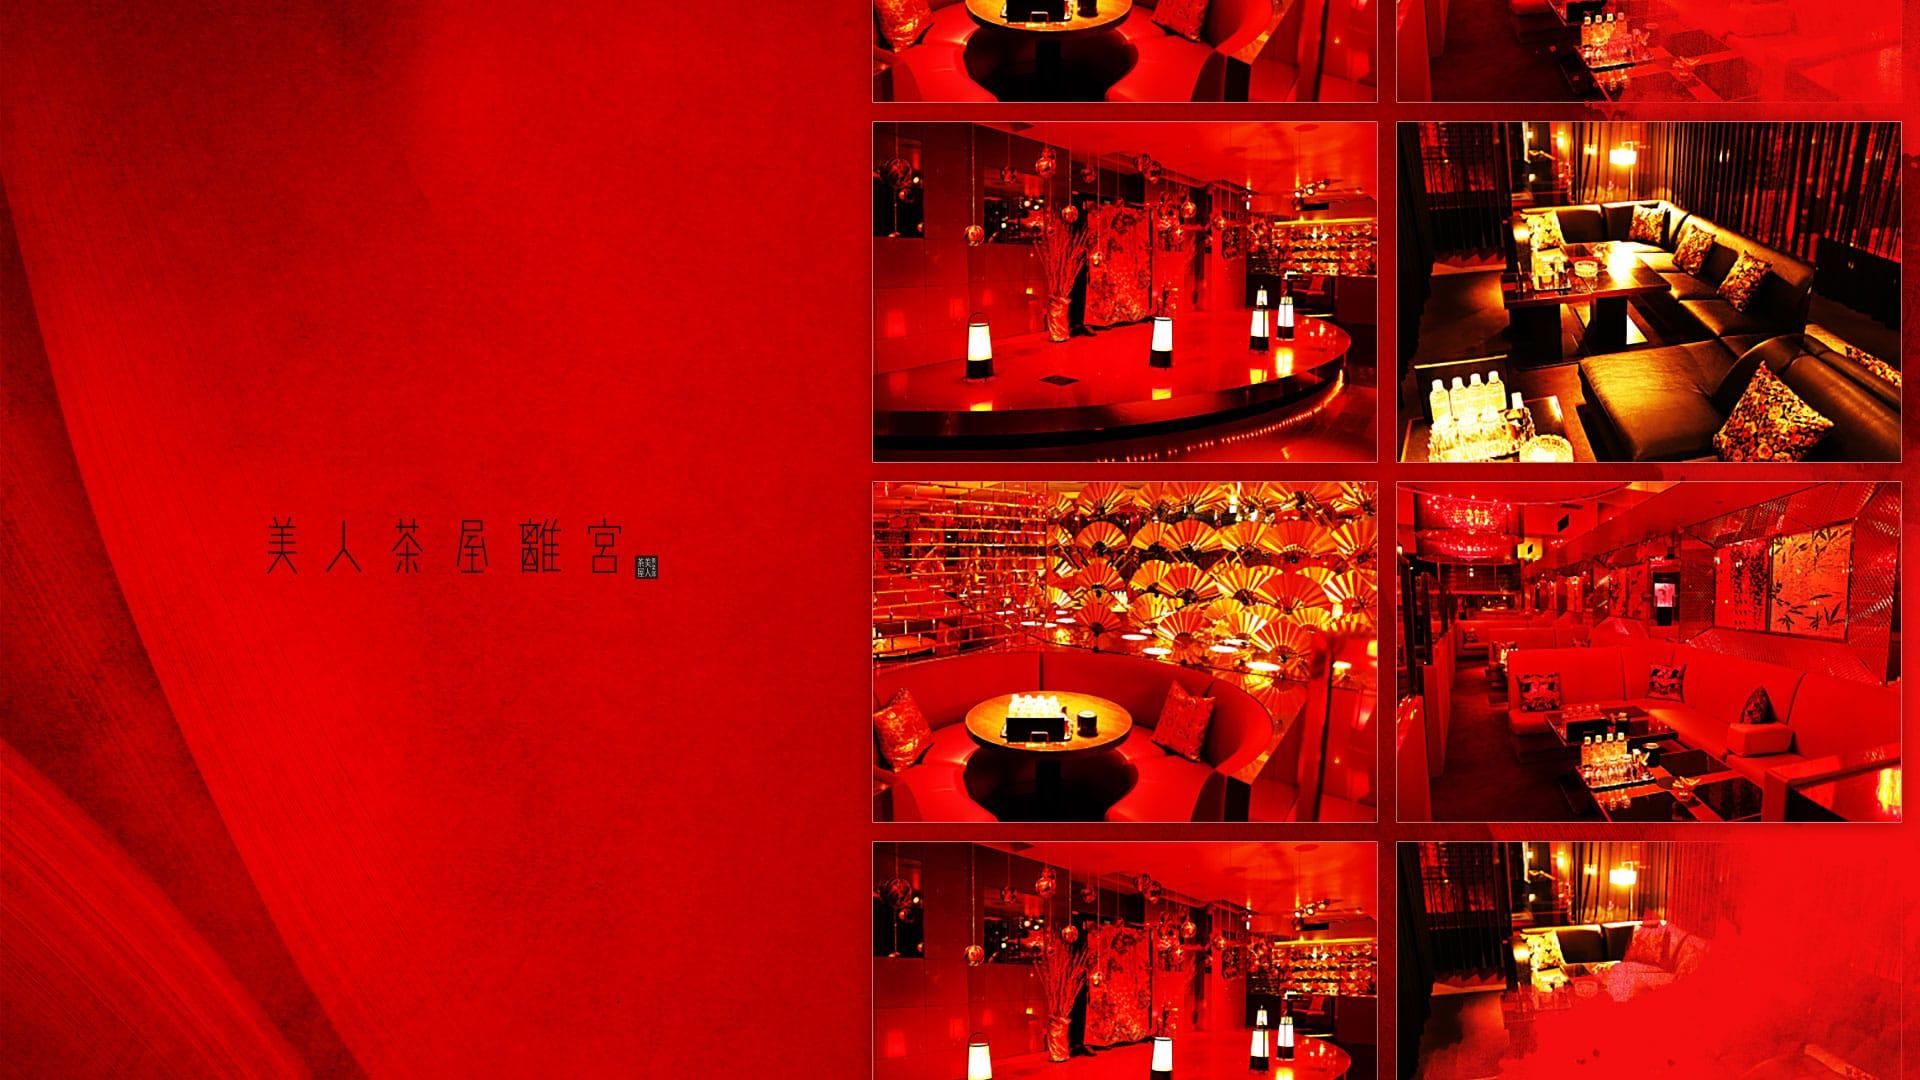 美人茶屋離宮  -ビジンチャヤリキュウ-【公式】 難波キャバクラ TOP画像